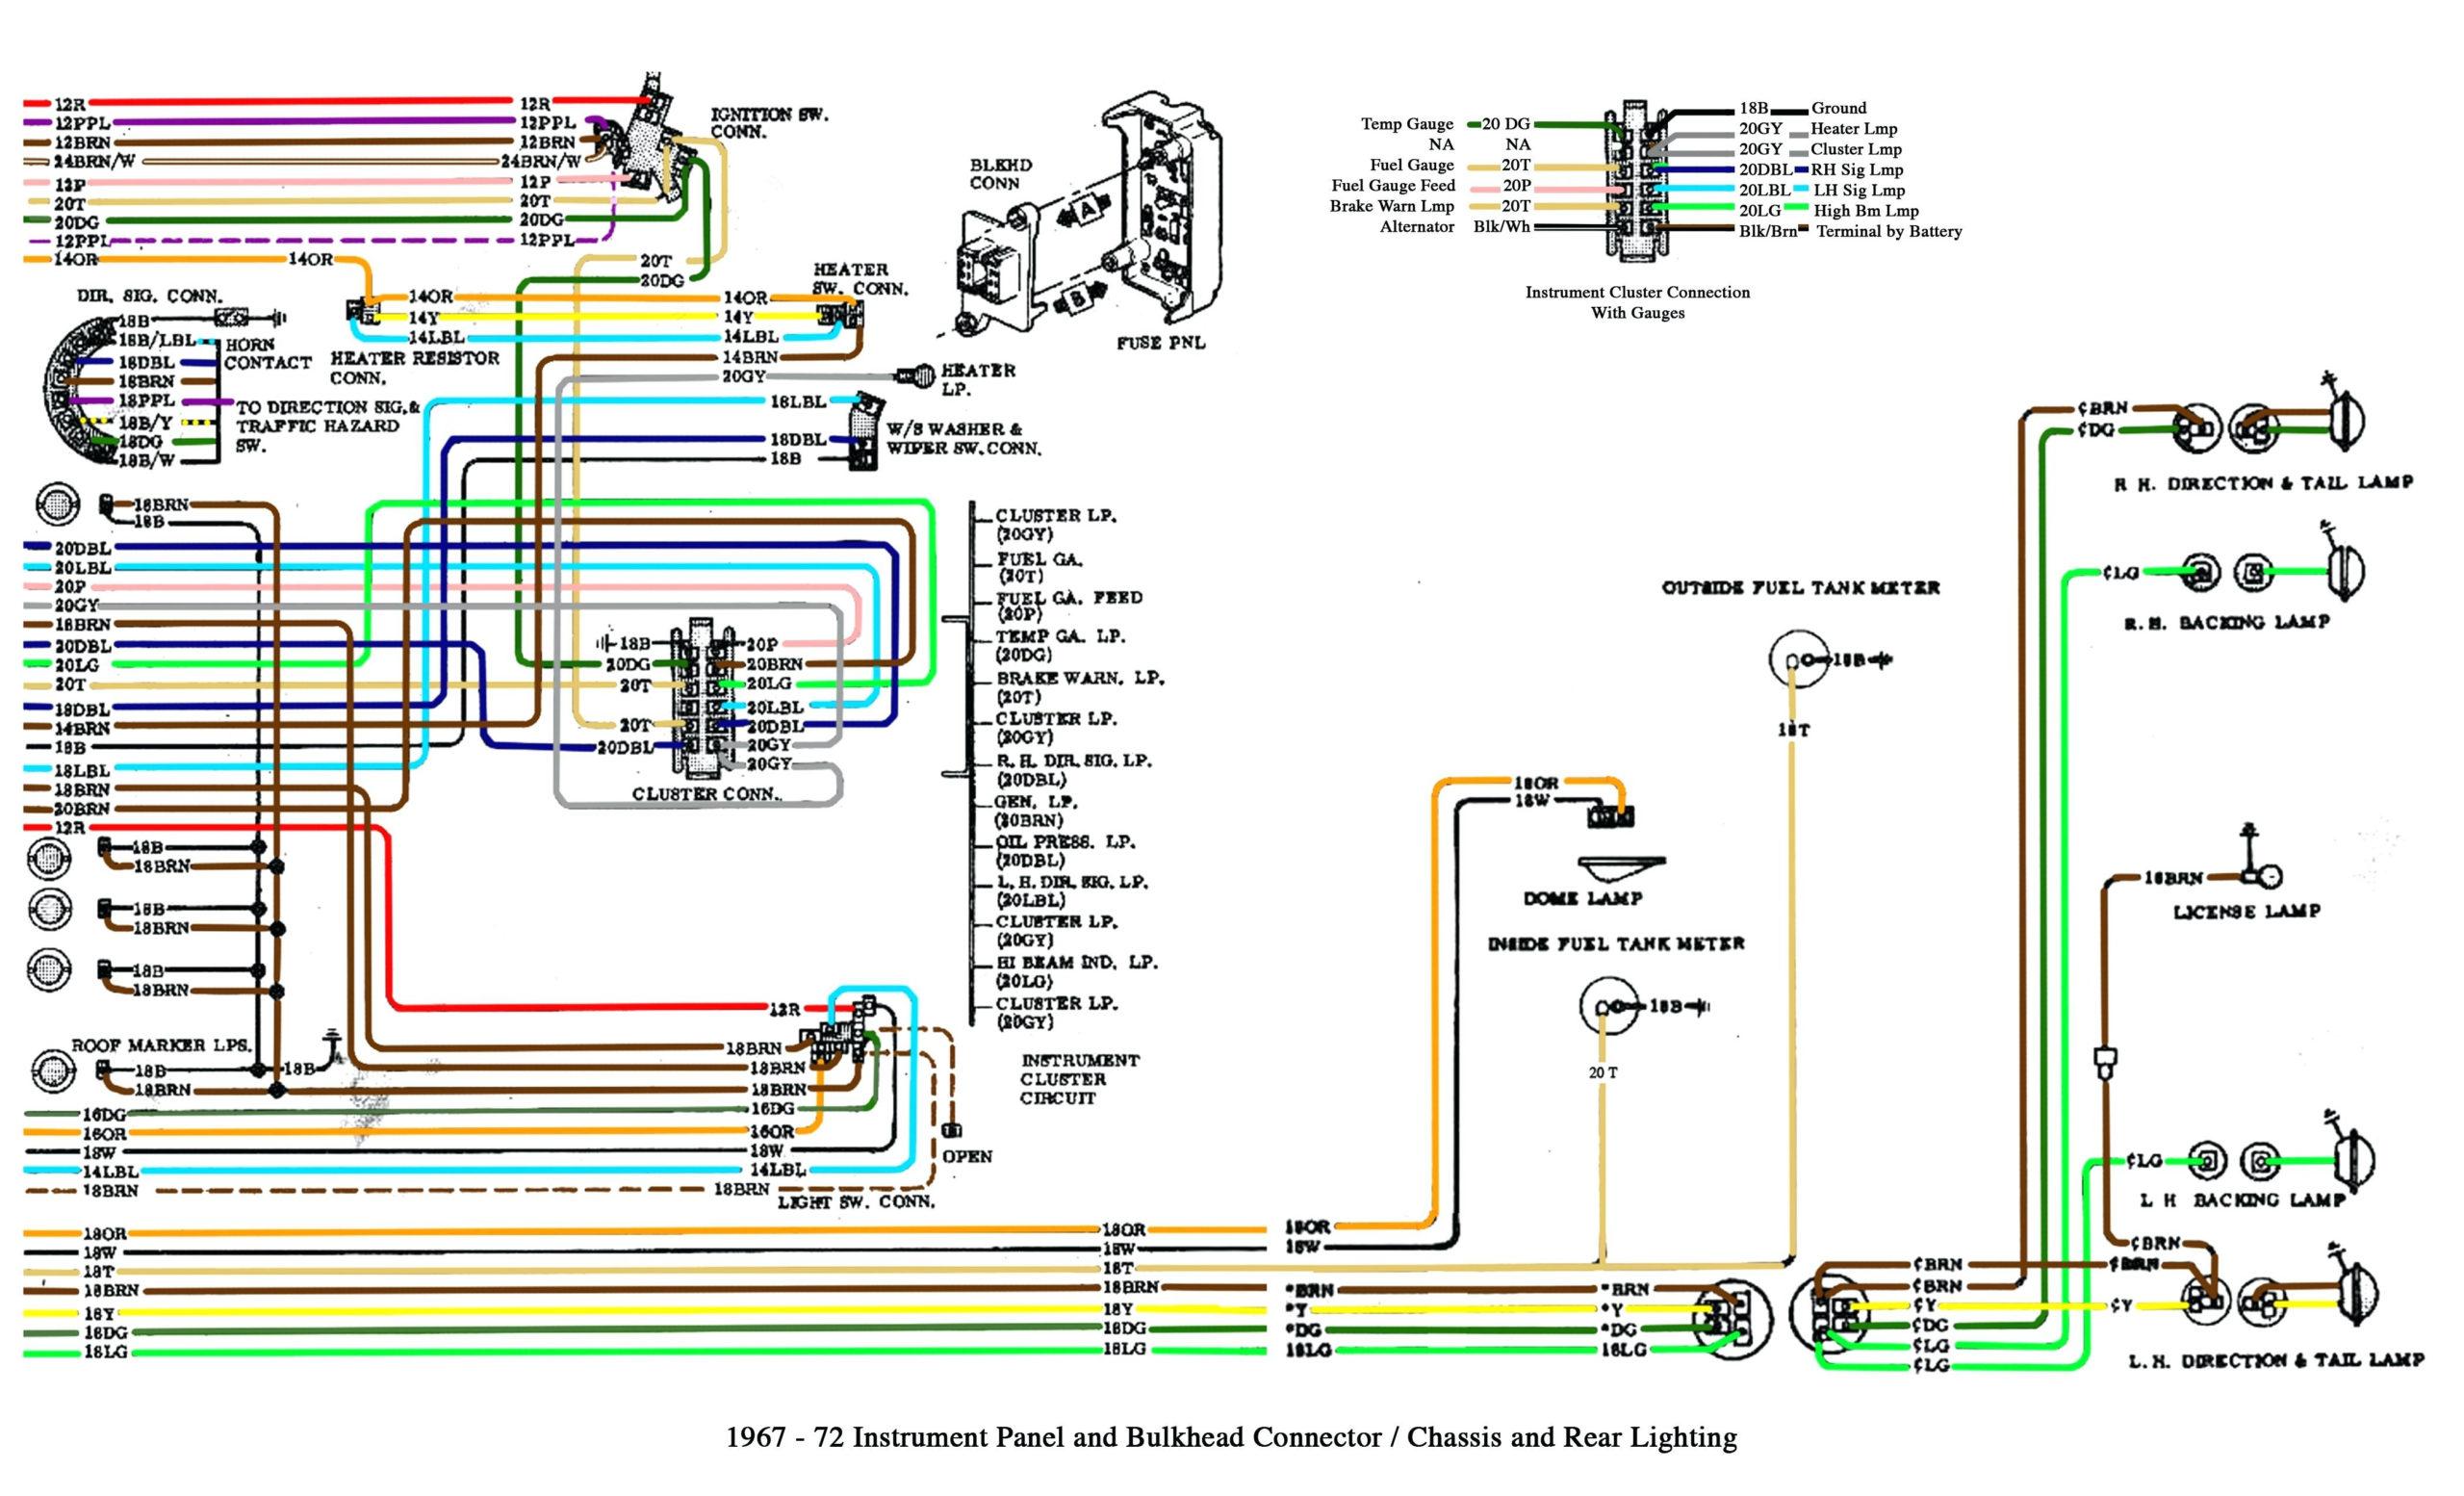 2018 Chevy Silverado Trailer Plug Wiring Diagram